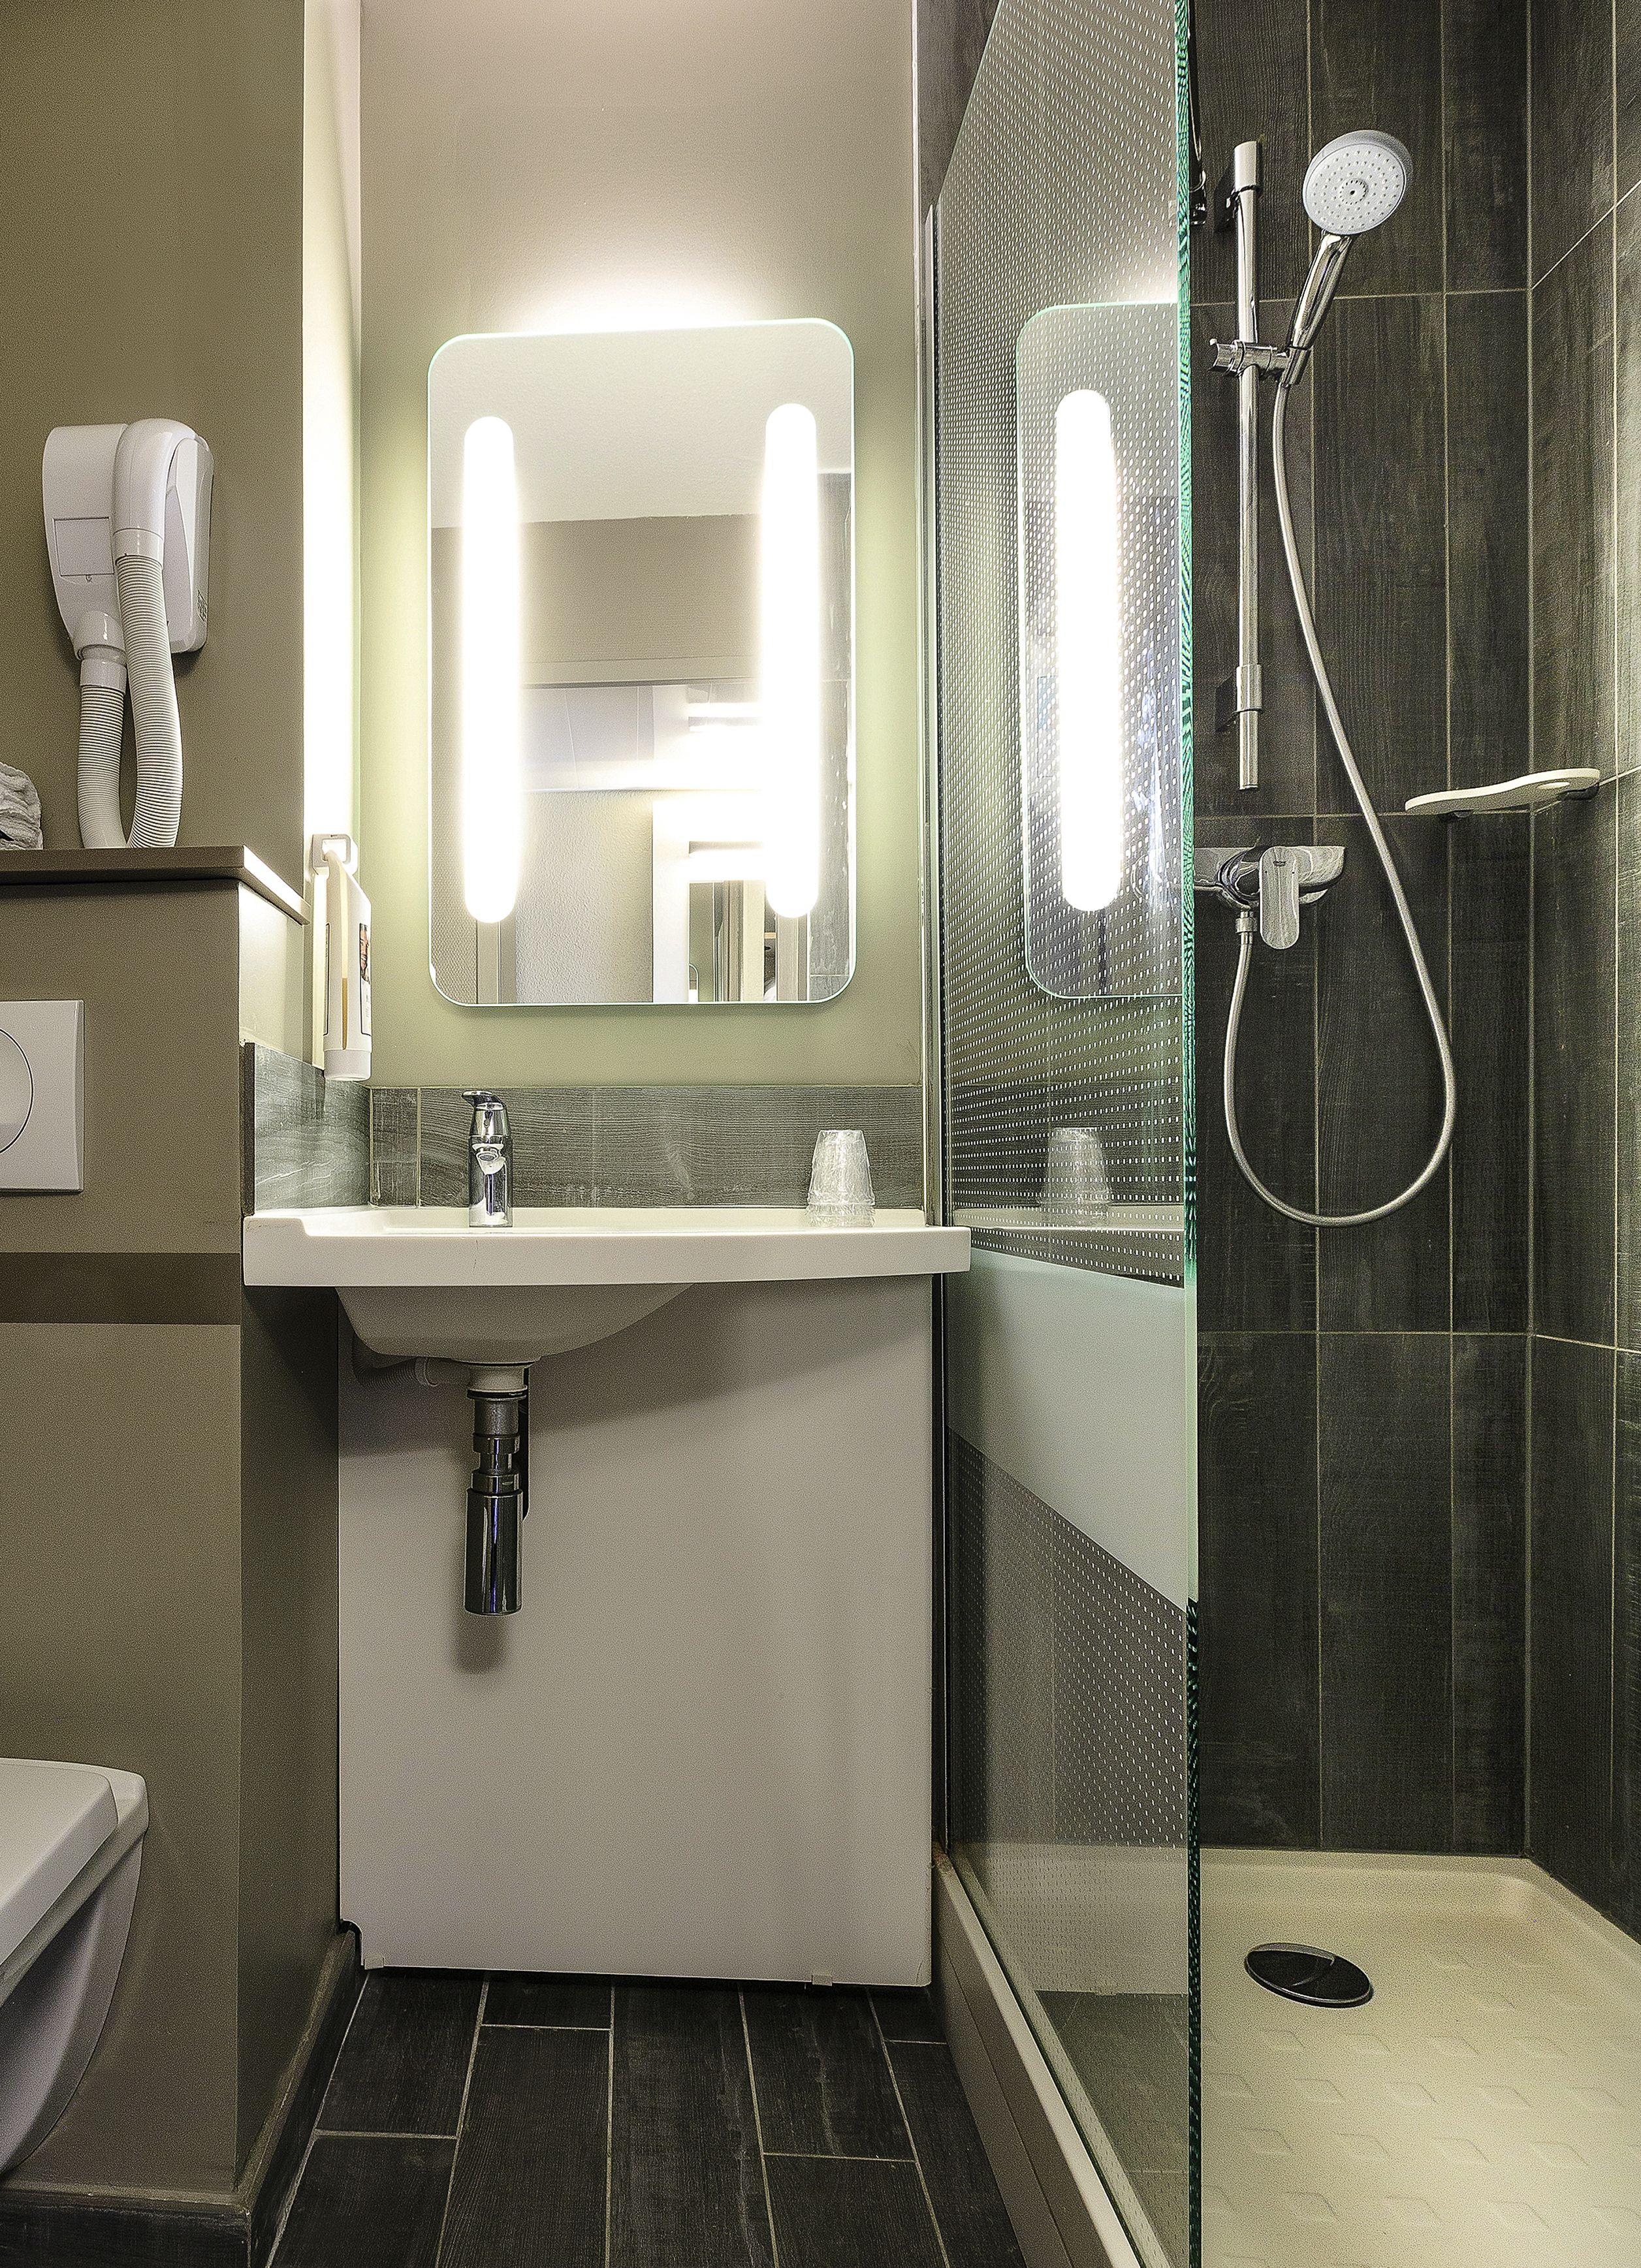 Salle De Bain Villefranche Sur Saone ~ r nover votre salle de bain d h tel etsbruder travaux renovation